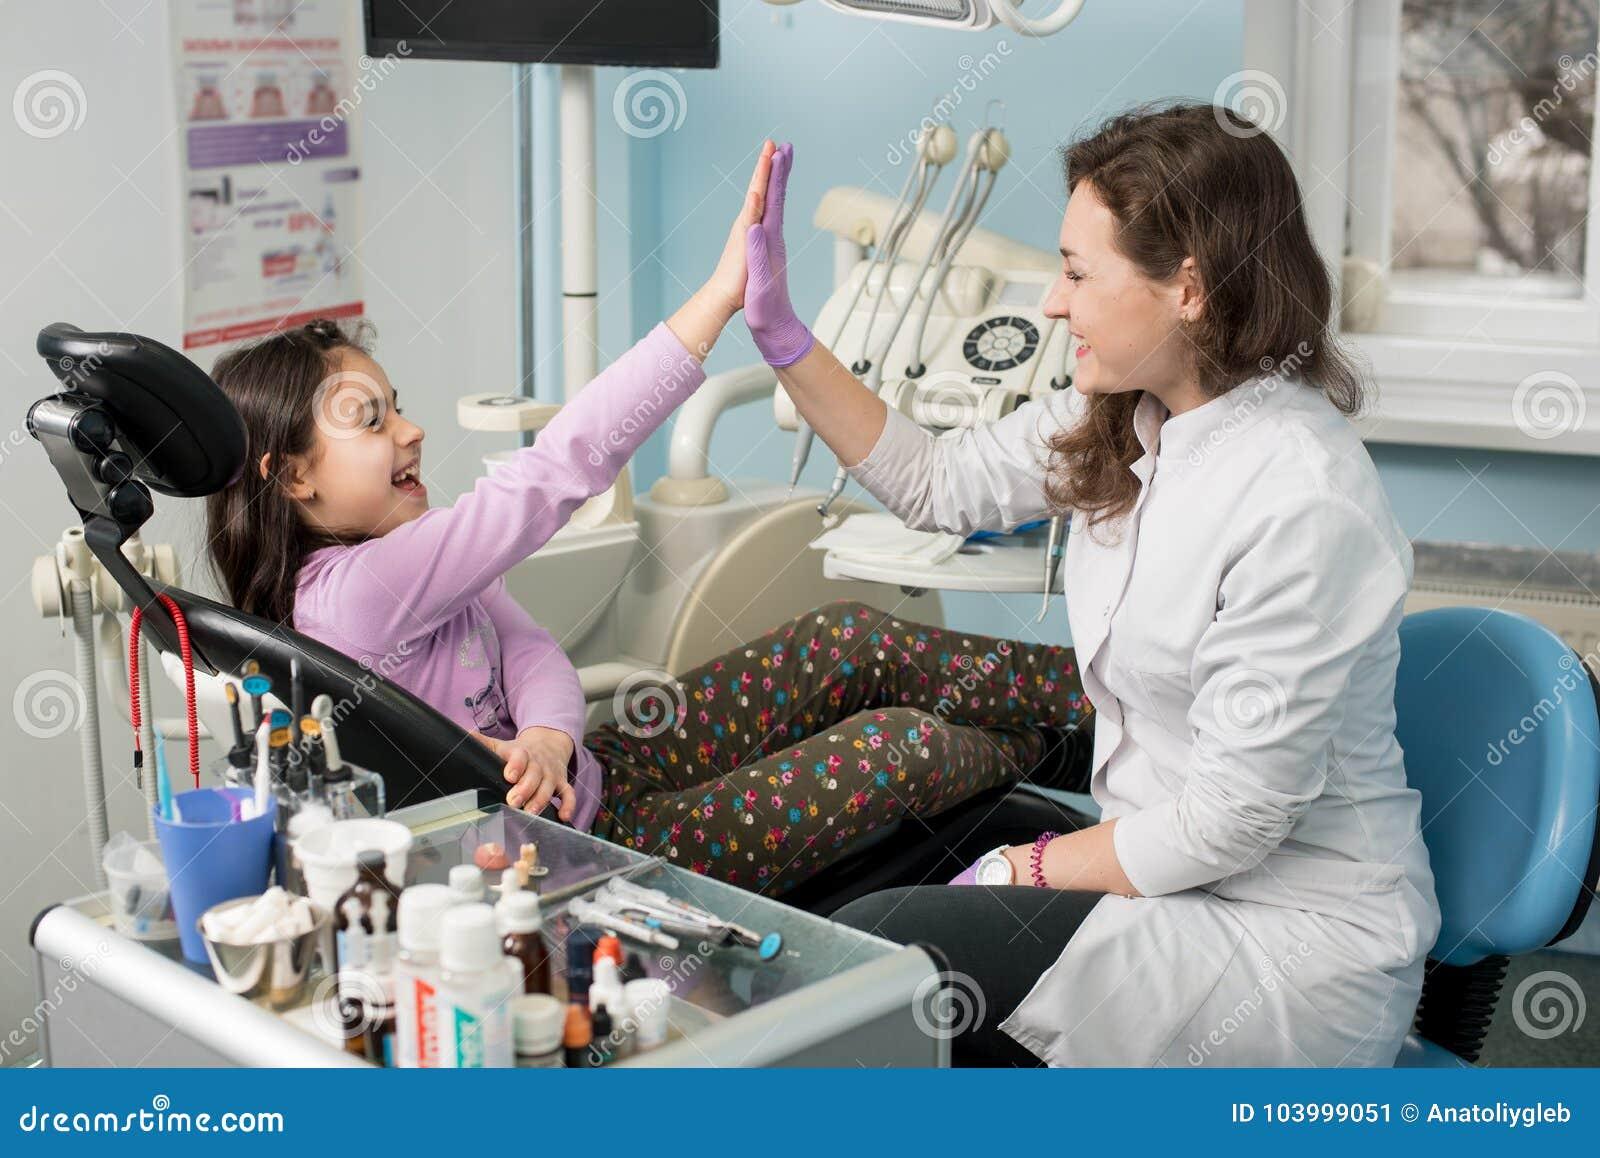 Satisfaisant patient femelle de dentiste et de fille après avoir traité des dents au bureau dentaire de clinique, avoir souri et